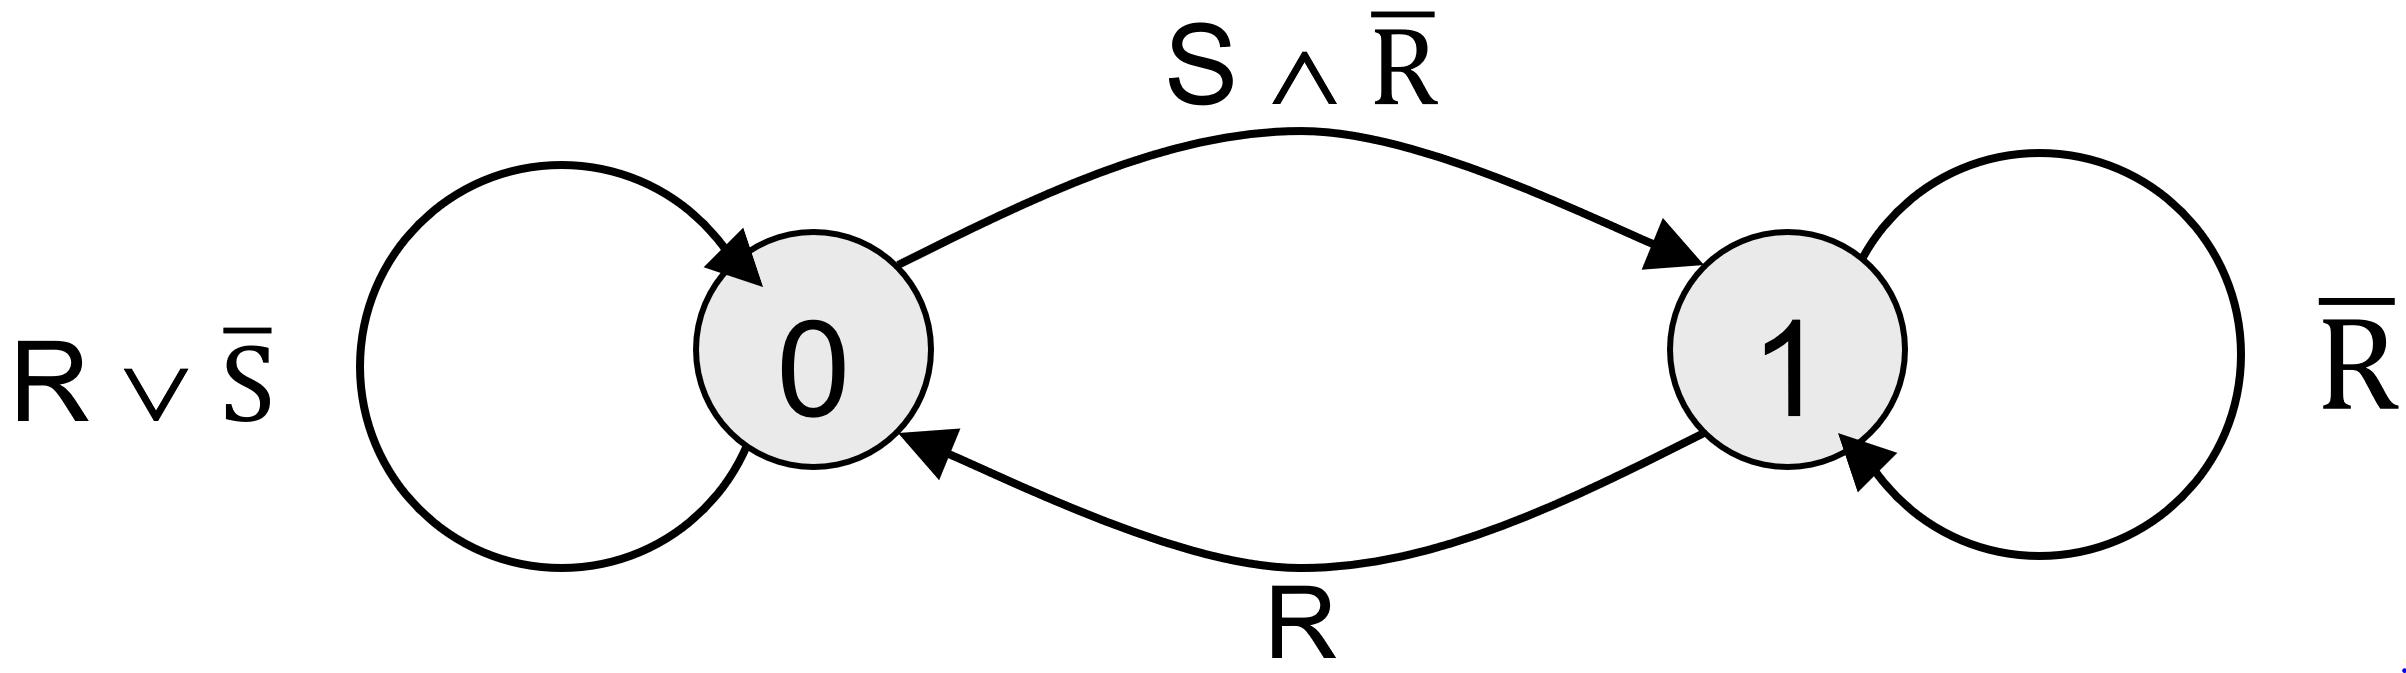 Zustandsdiagramm RS-FlipFlop